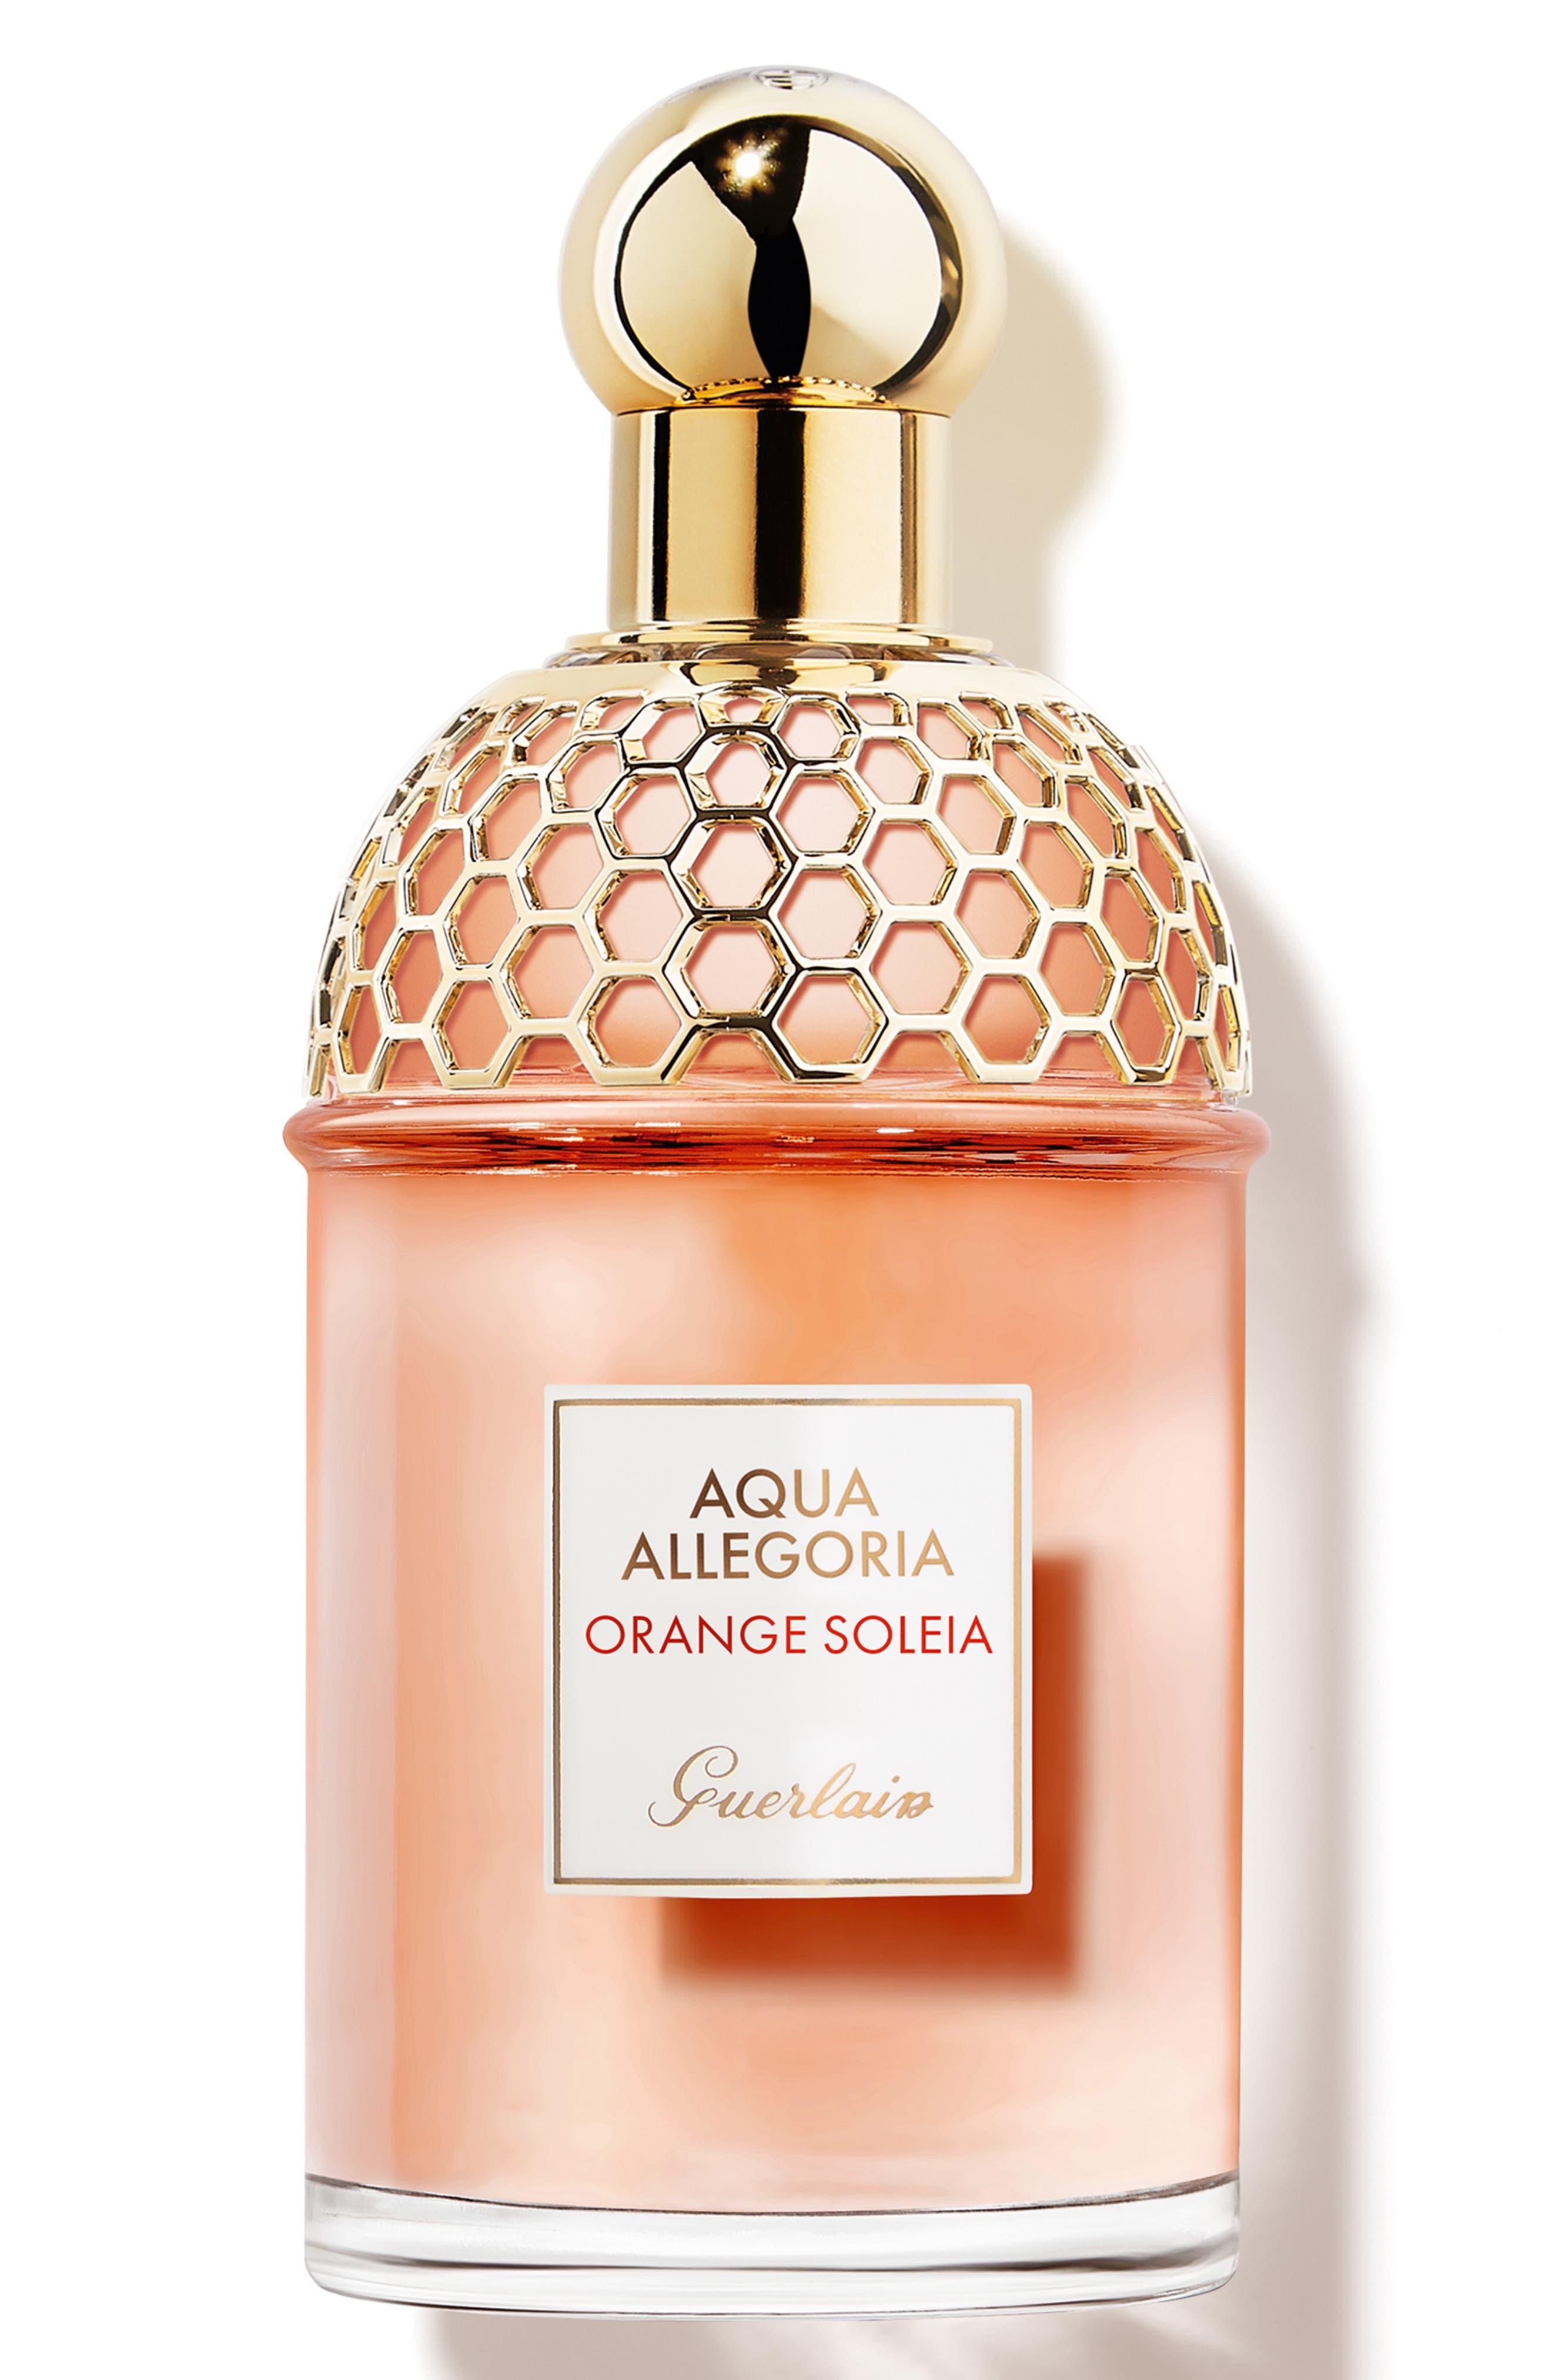 Aqua Allegoria Orange Soleia Eau De Toilette